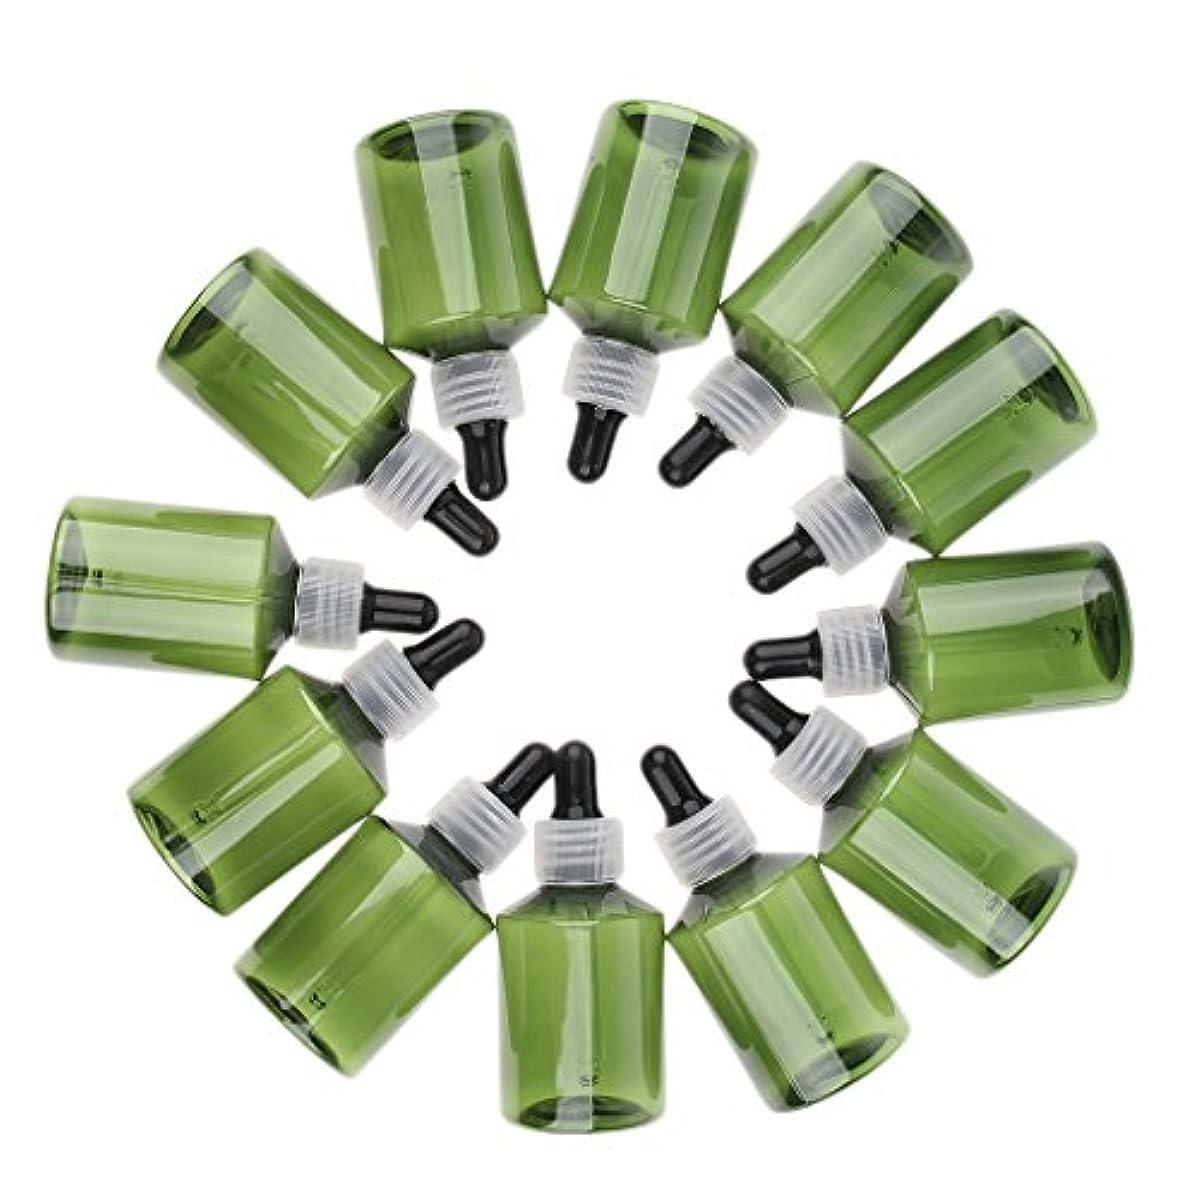 噴火ネーピアショートドロッパーボトル エッセンシャルオイル 精油ボトル 小分け容器 詰め替え 50ml 6仕様選べ - クリアキャップブラックドロッパー